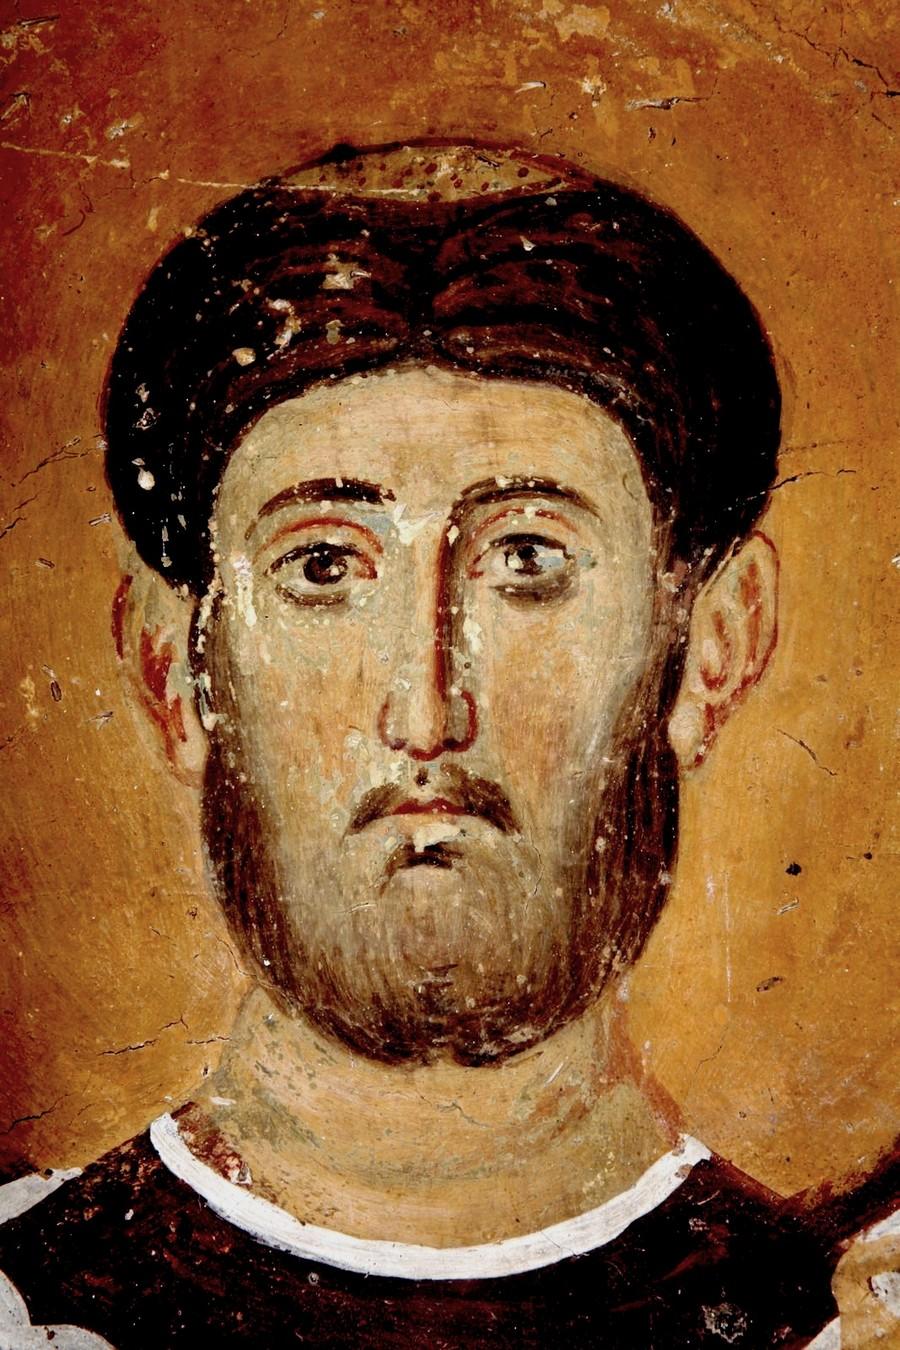 Святой Мученик Архидиакон Евпл. Фреска церкви Богородицы в монастыре Студеница, Сербия. 1208 - 1209 годы.